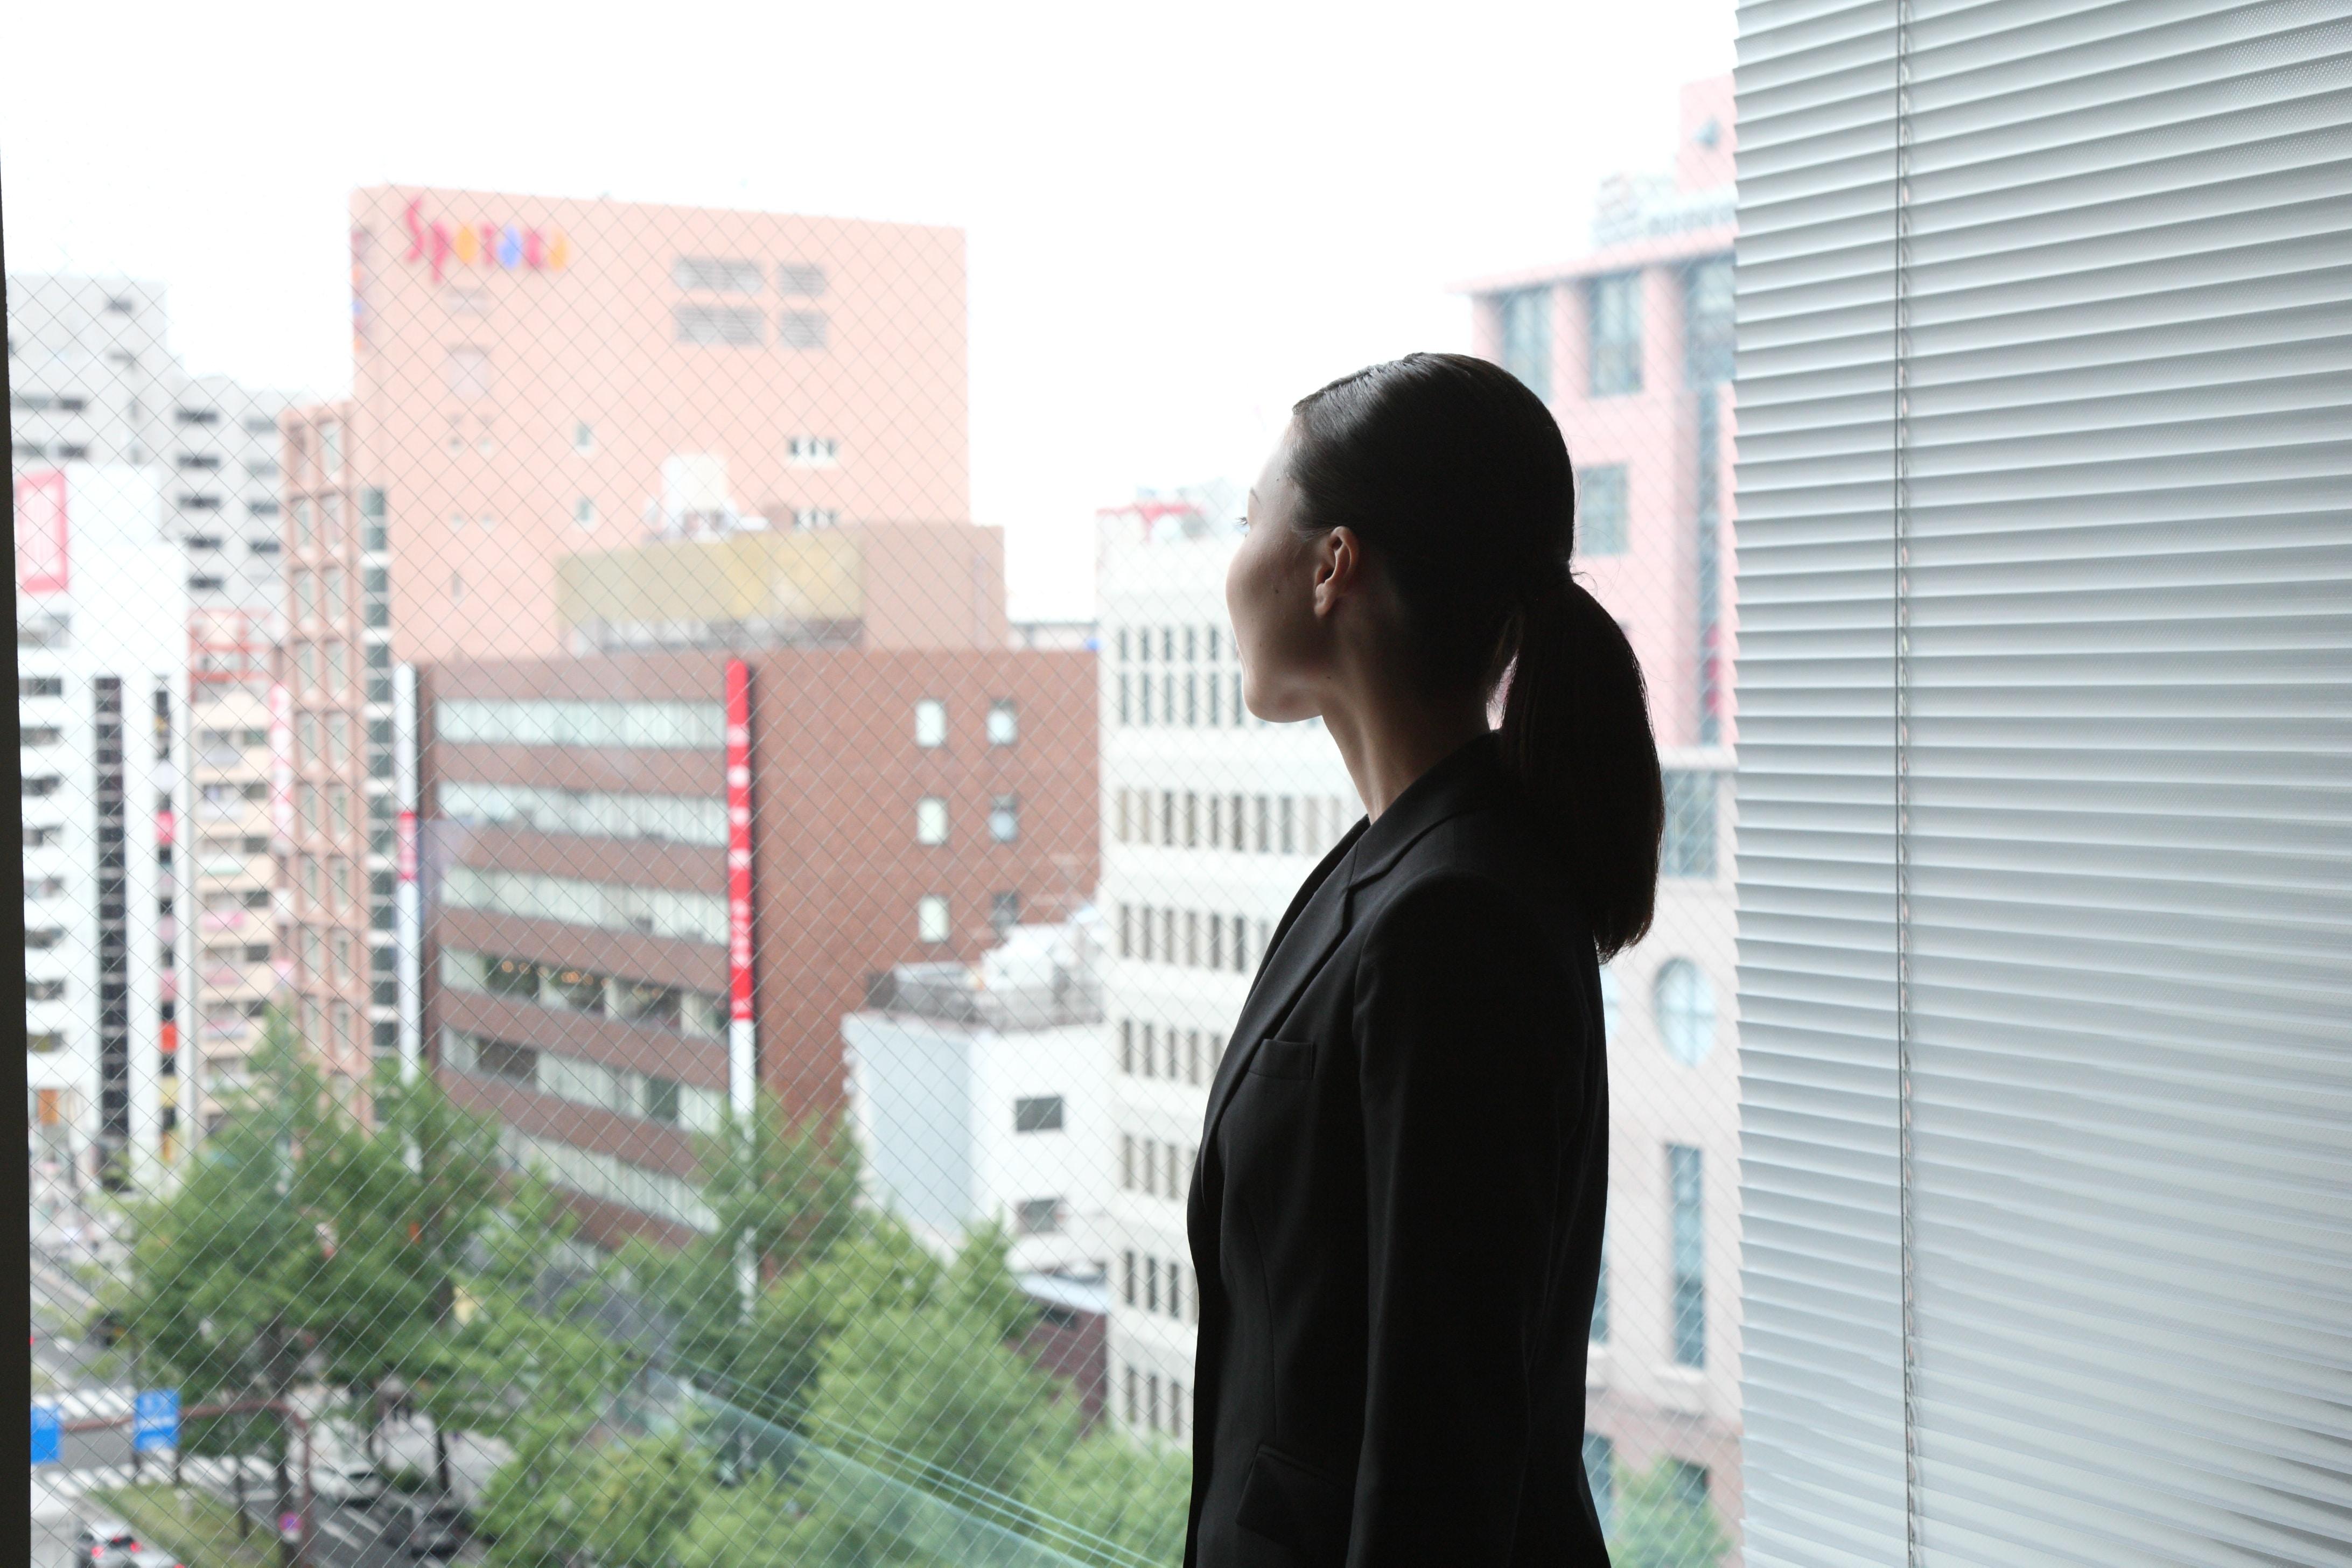 窓の外を見るビジネスウーマン1